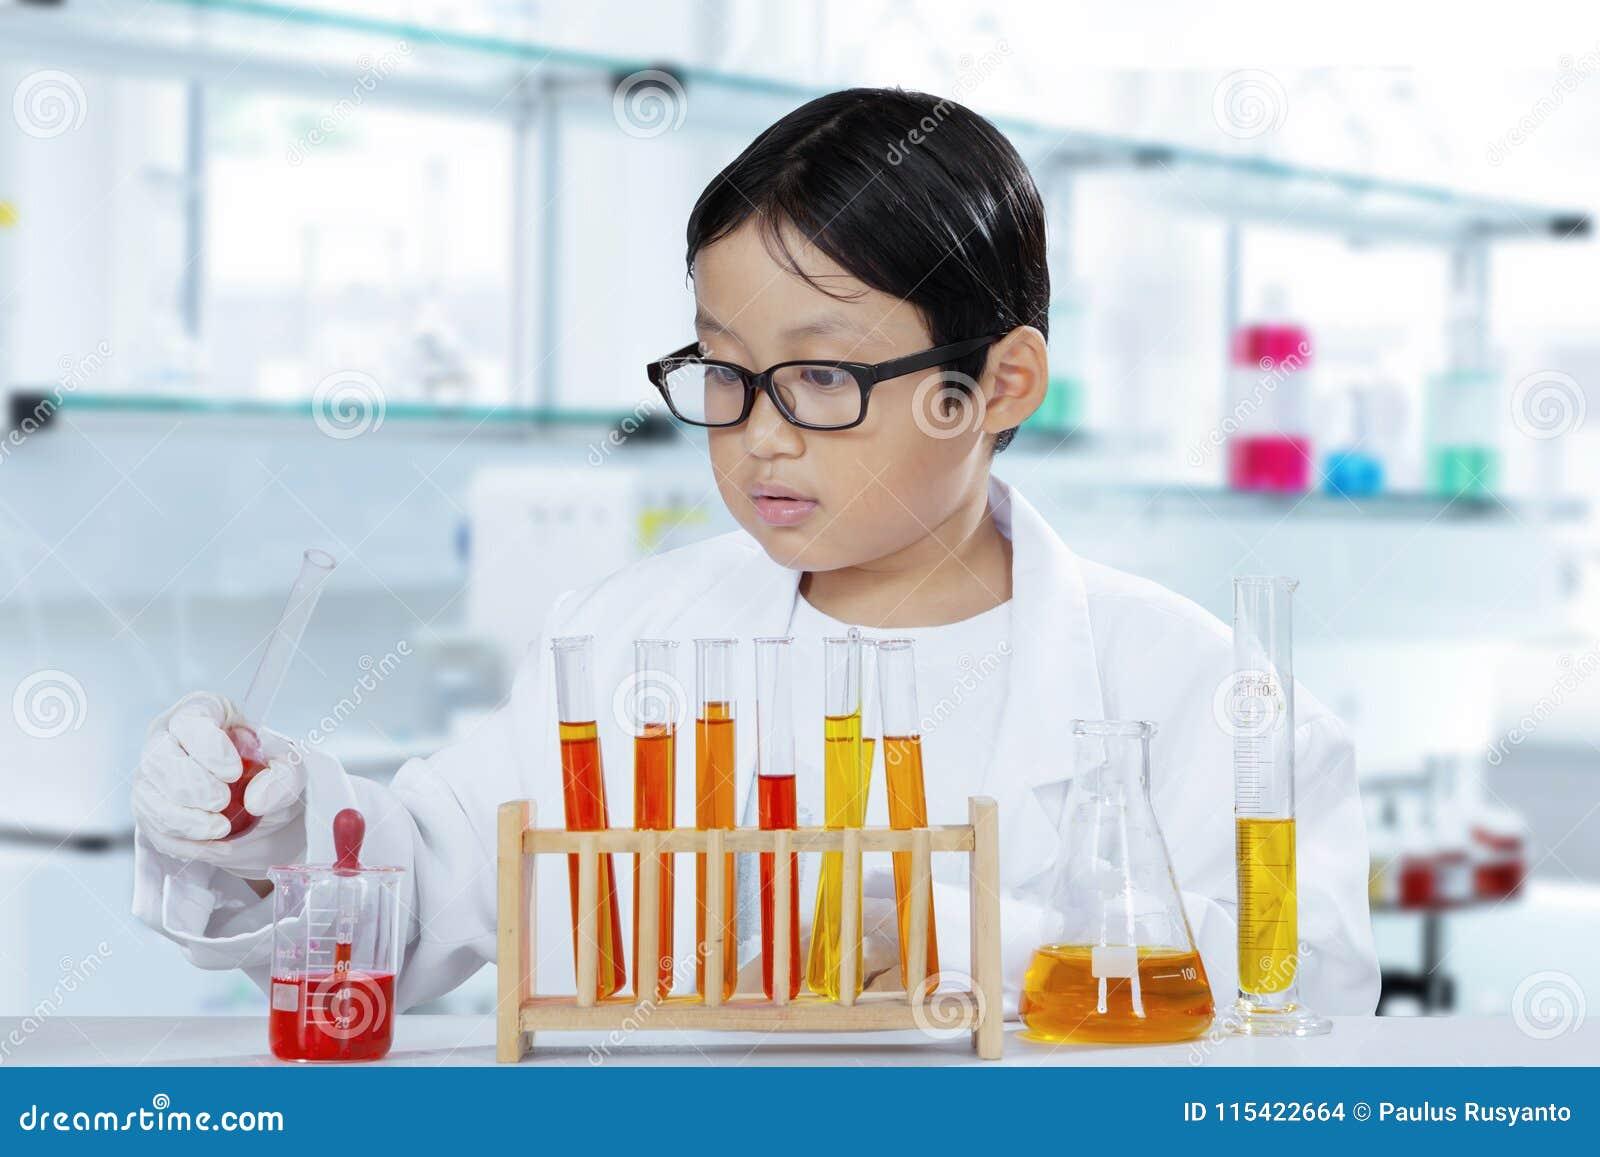 做实验的小男孩在实验室里